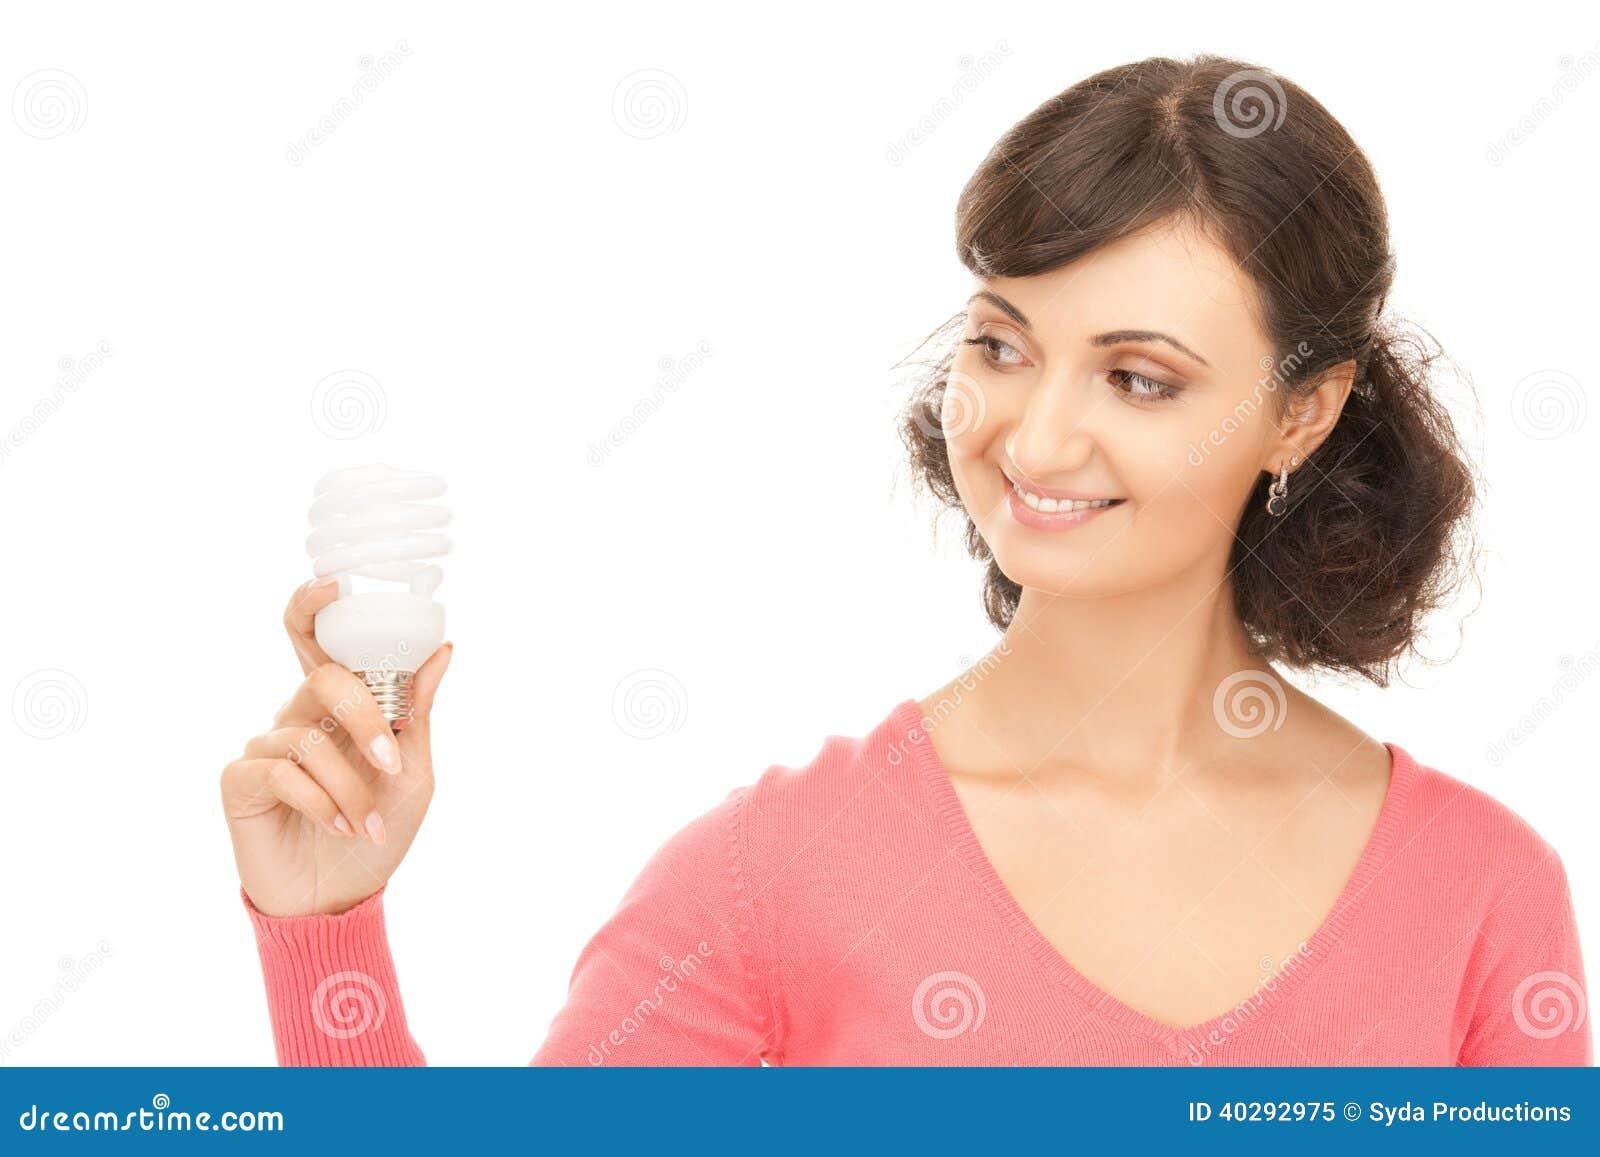 Женщина держа энергосберегающий шарик